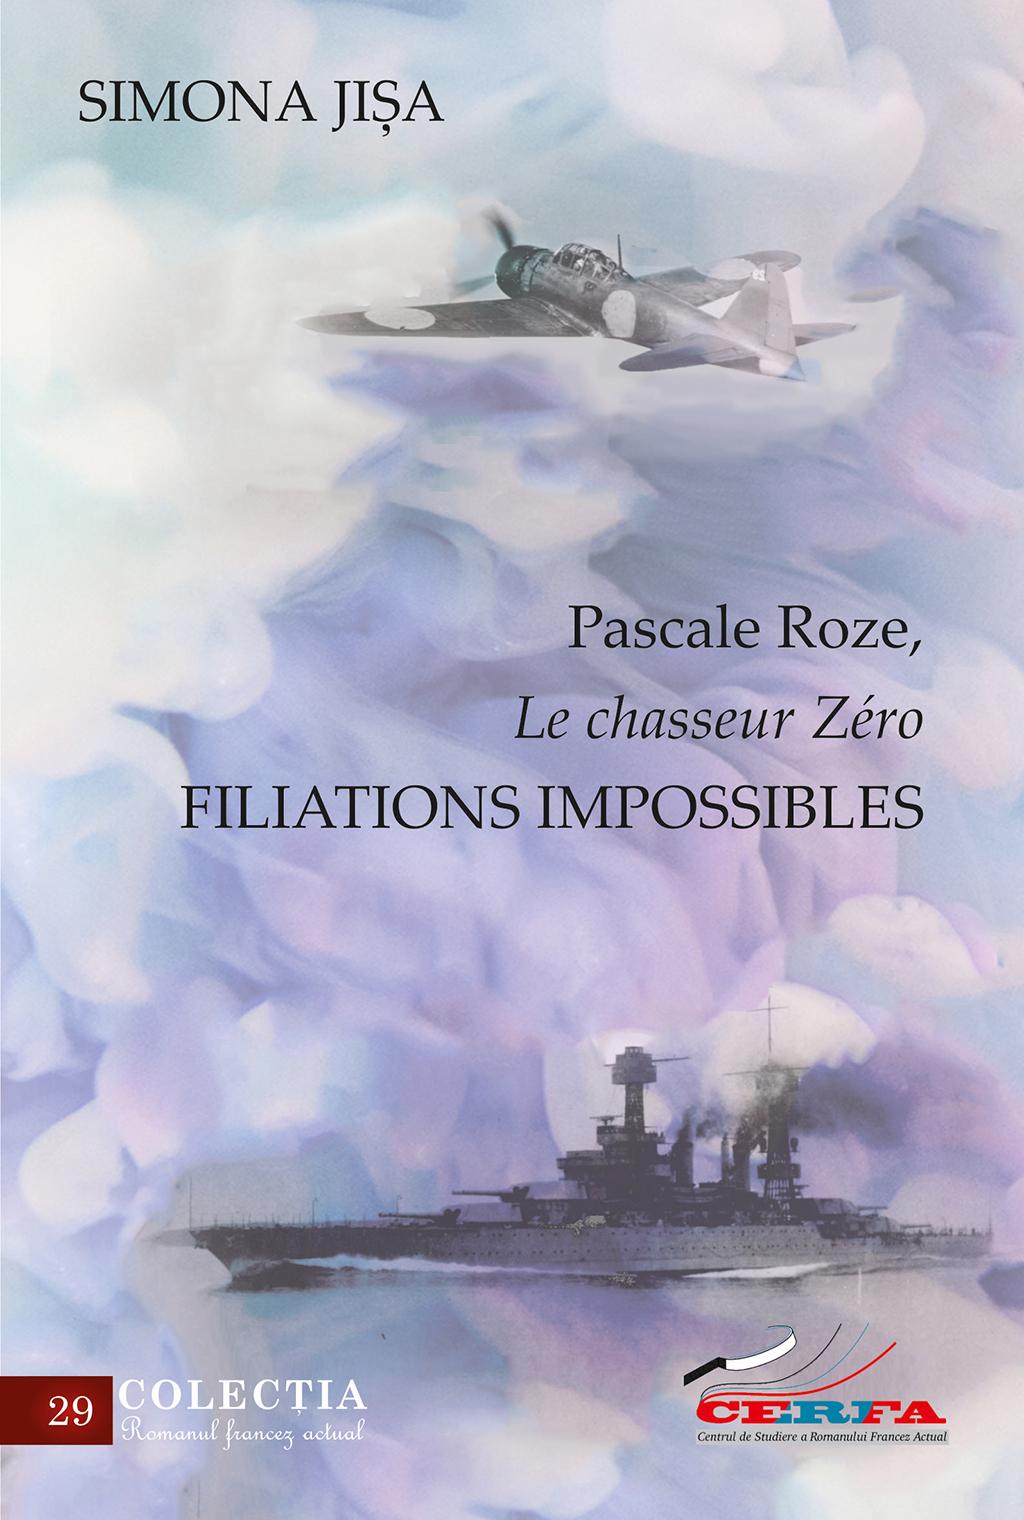 S. Jișa, Pascale Roze, Le chasseur Zéro. Filiations impossibles